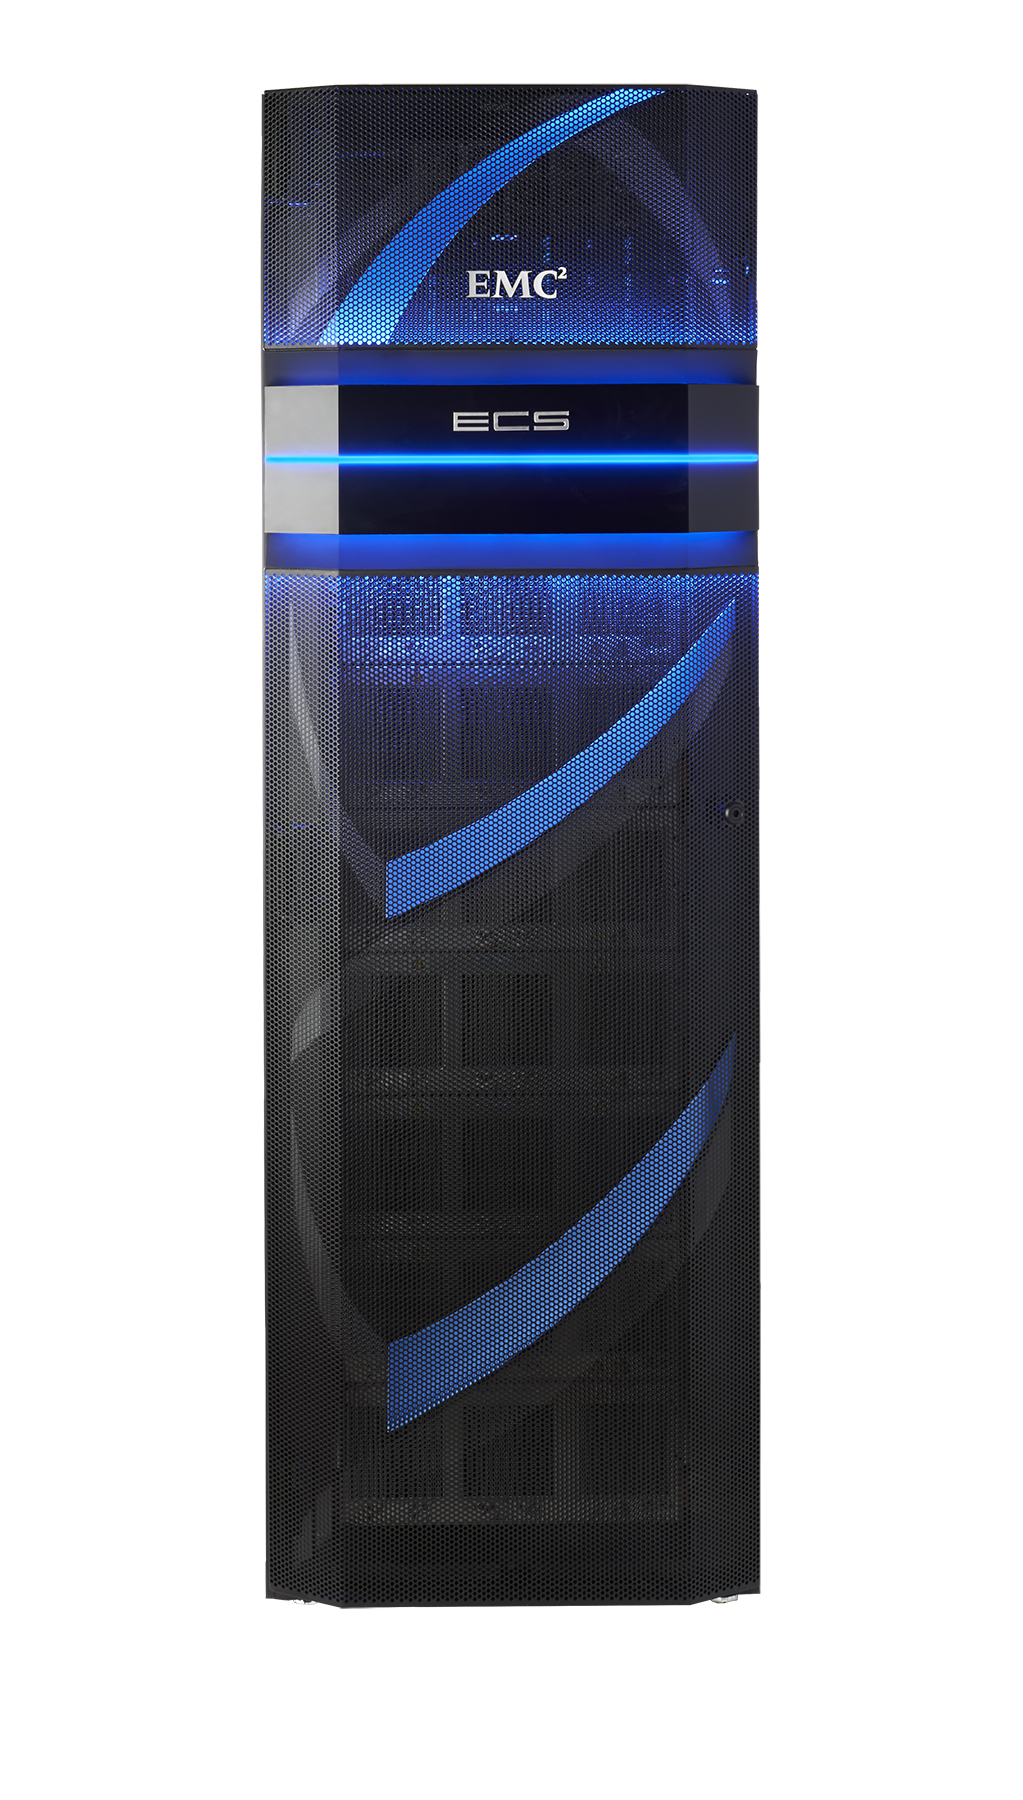 Die Storage-Appliance ECS unterstützt die Data Lake Foundation. (Bild: EMC)